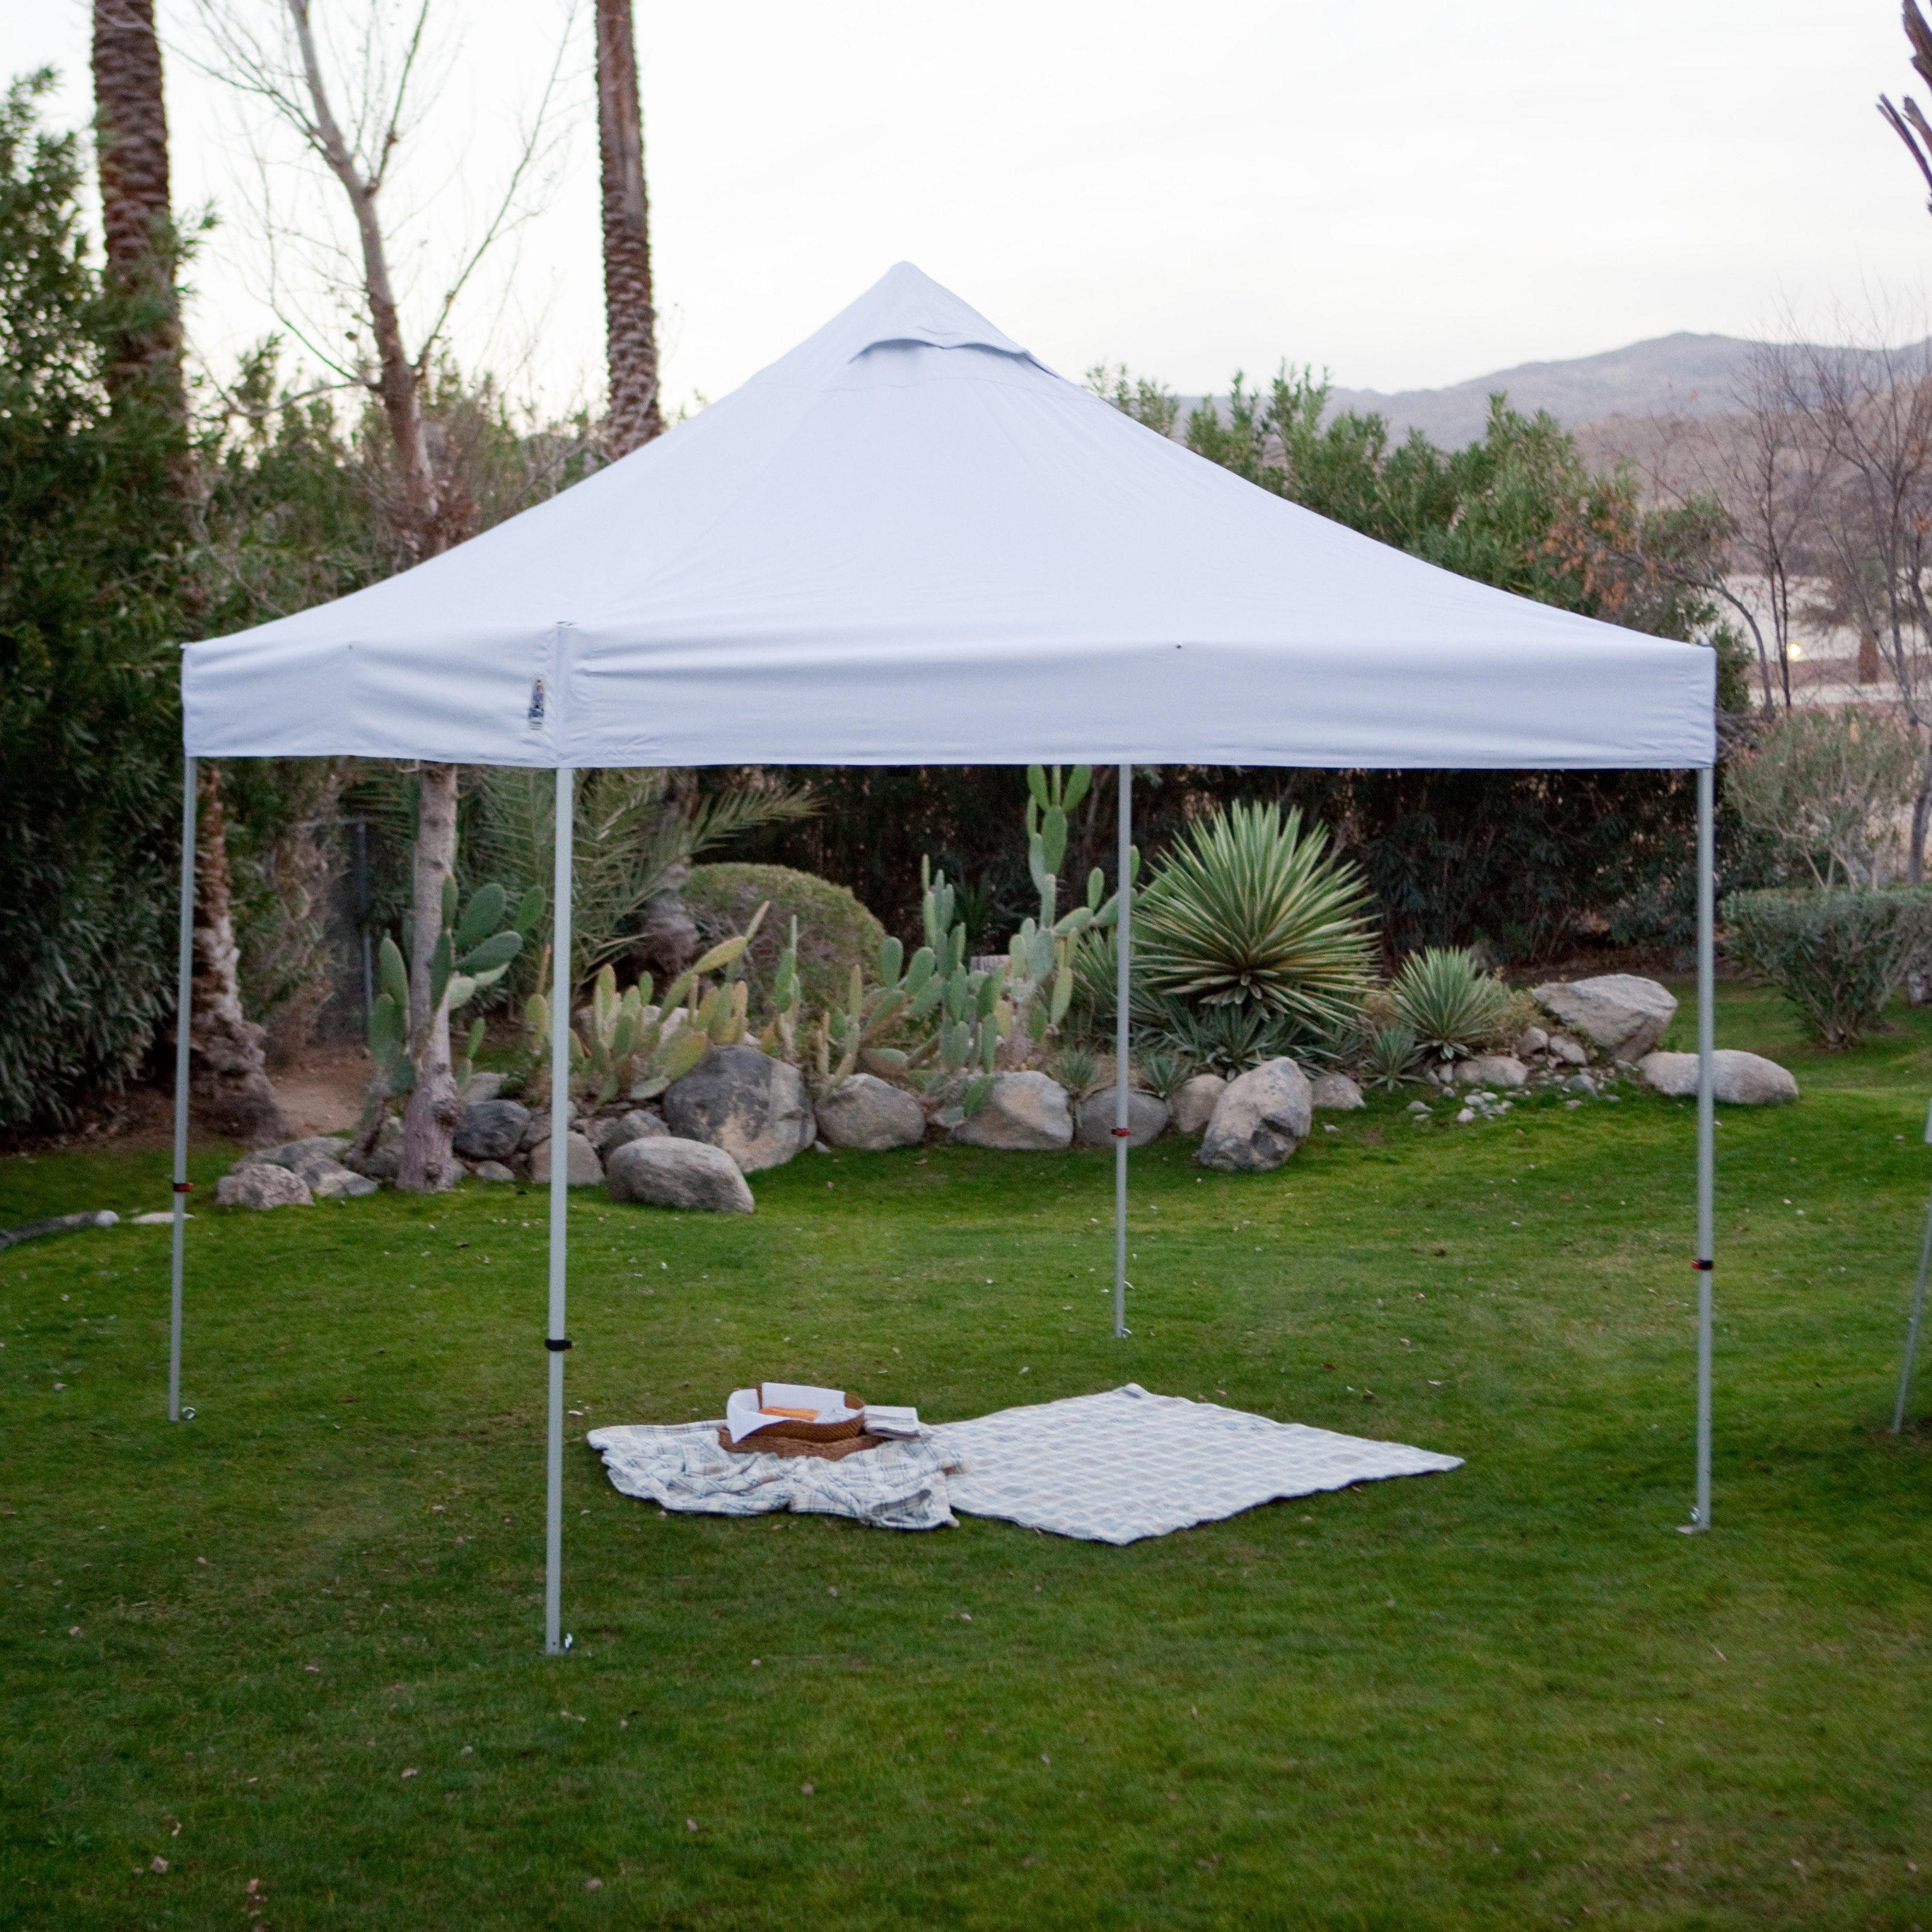 Super Lightweight Aluminum Instant Canopy - Walmart.com & UnderCoveru0026reg; 10 x 10 ft. Super Lightweight Aluminum Instant ...